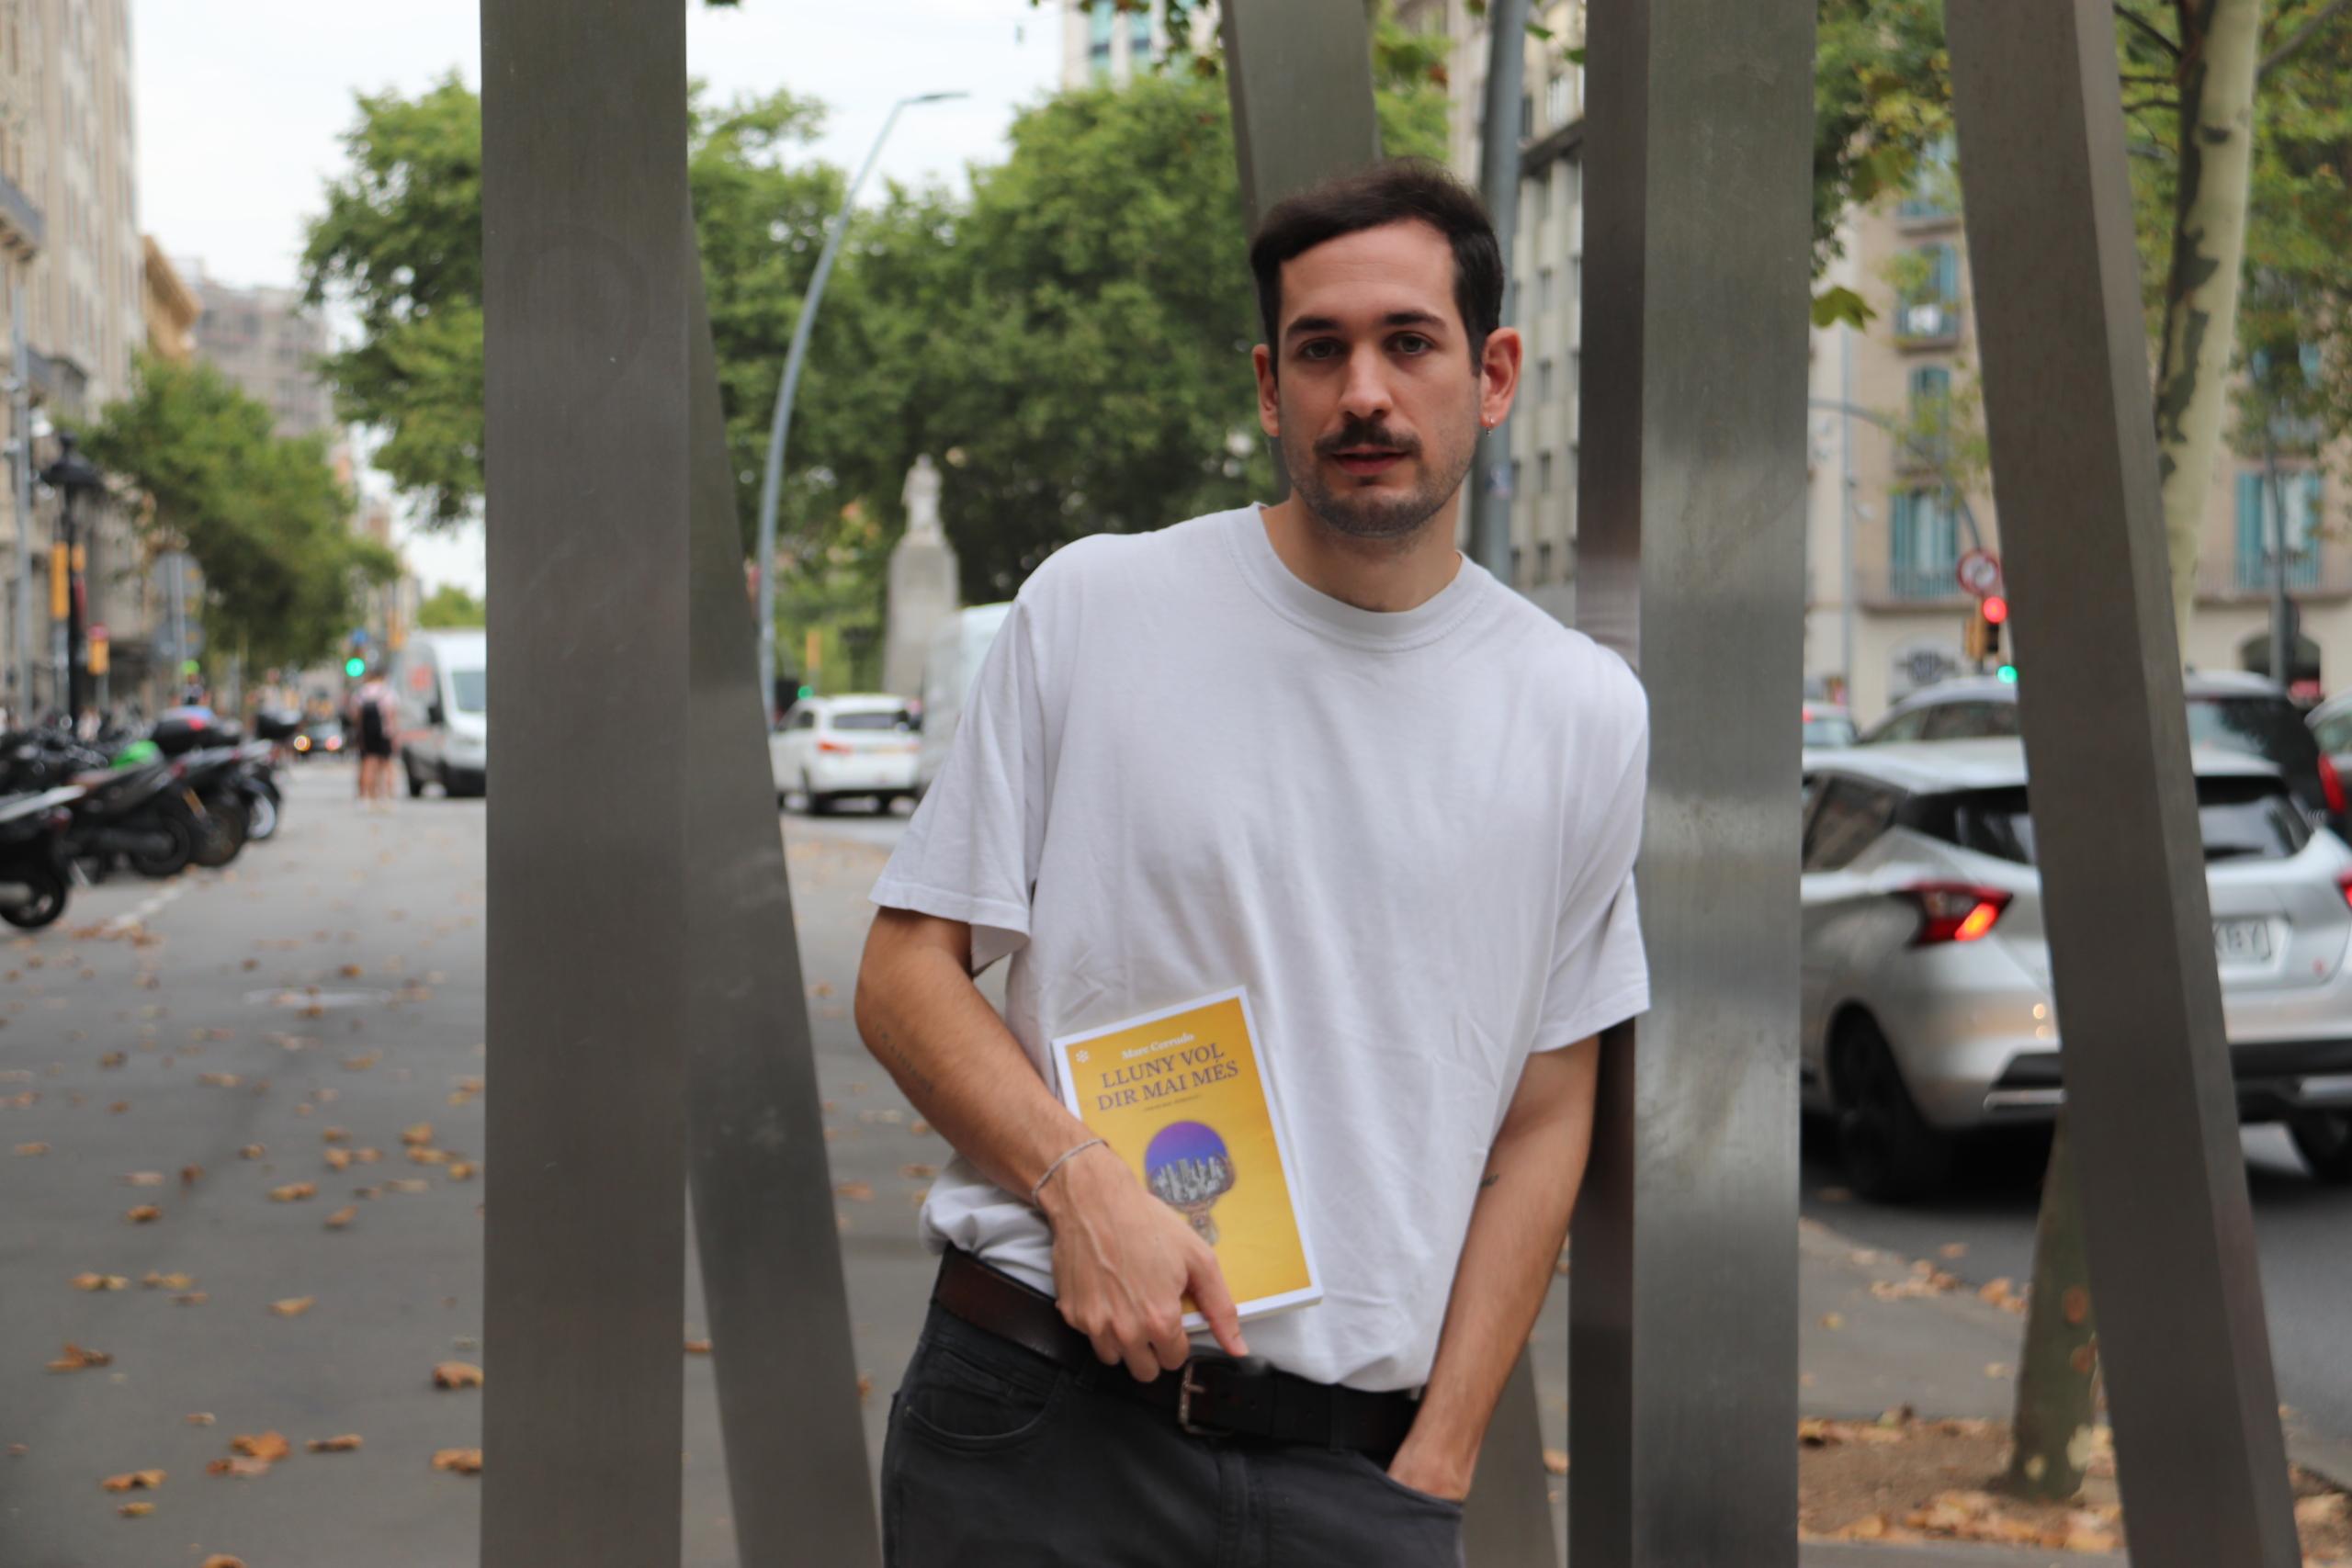 L'escriptor Marc Cerrudo amb la seva primera novel·la, 'Lluny vol dir mai més', a la Gran Via de Barcelona | ACN